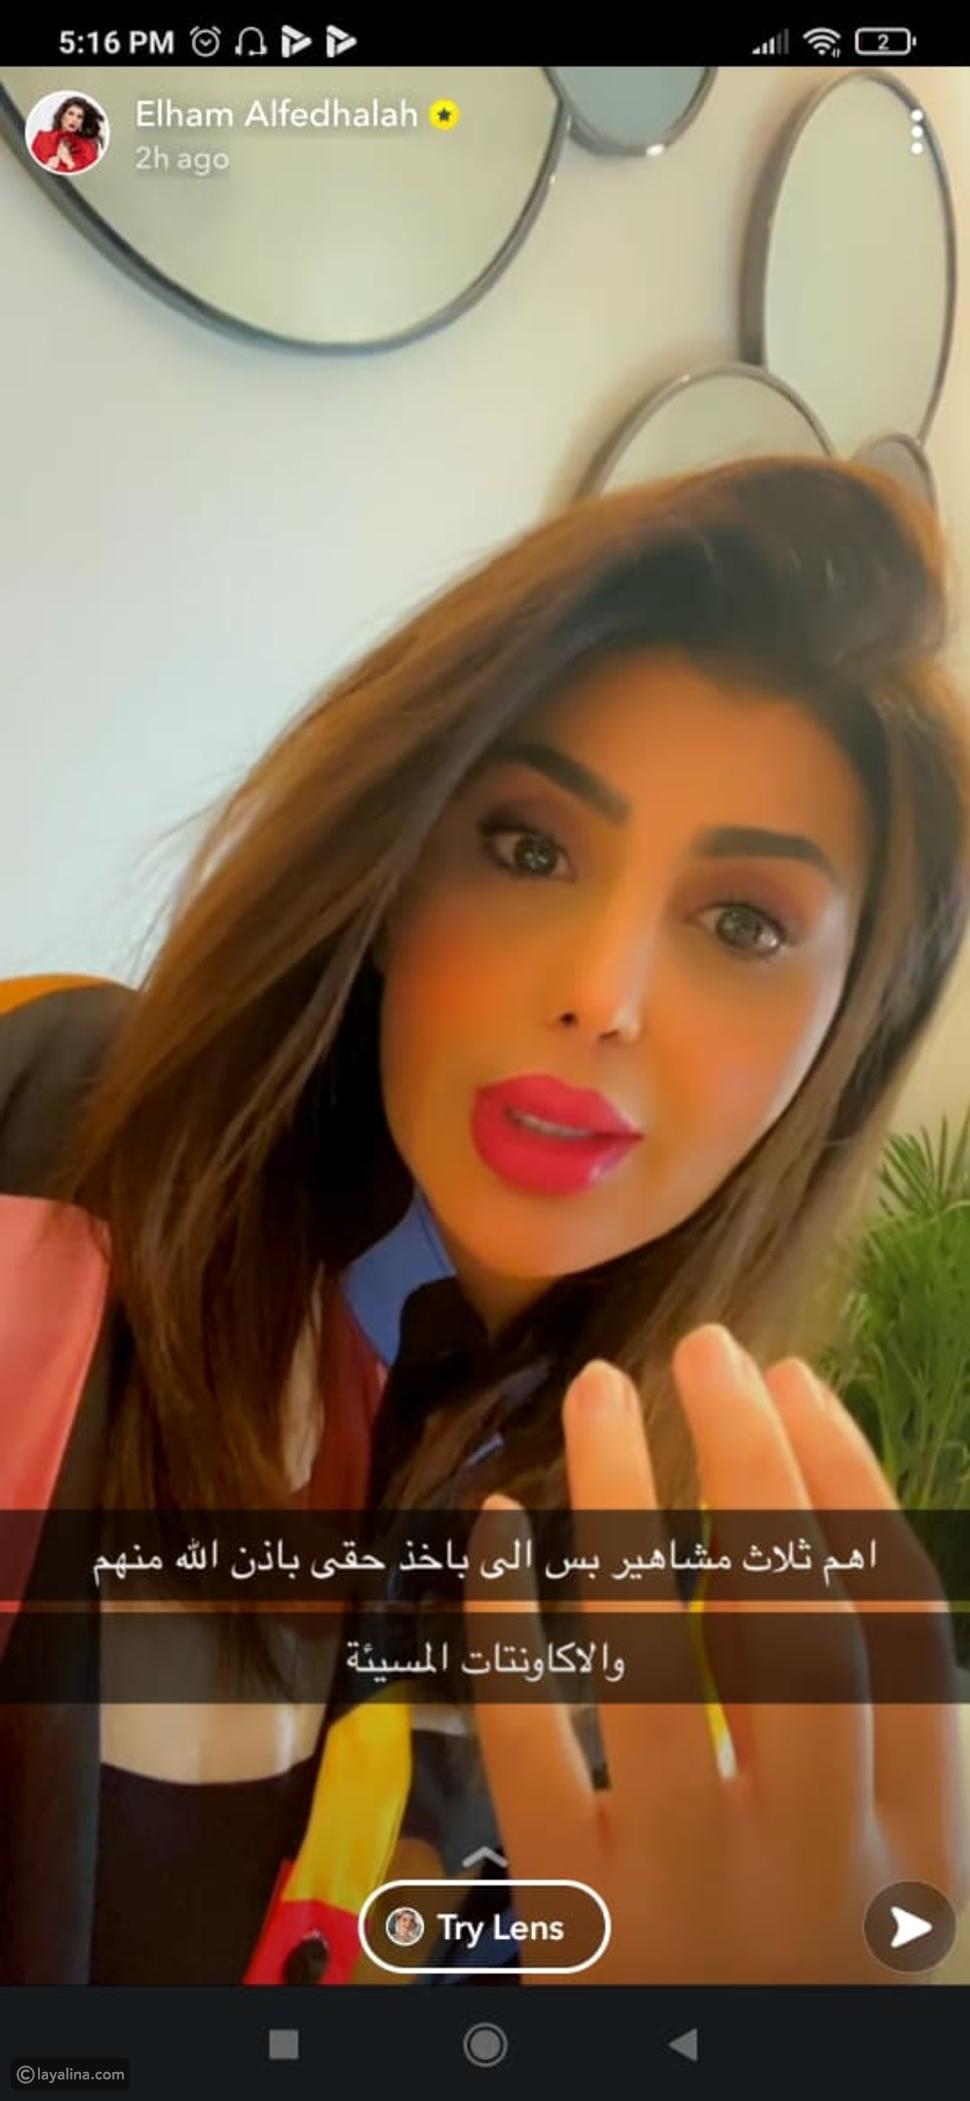 مها محمد توجه رسالة لإلهام الفضالة بعد إعلان الأخيرة مقاضاة مهاجميها